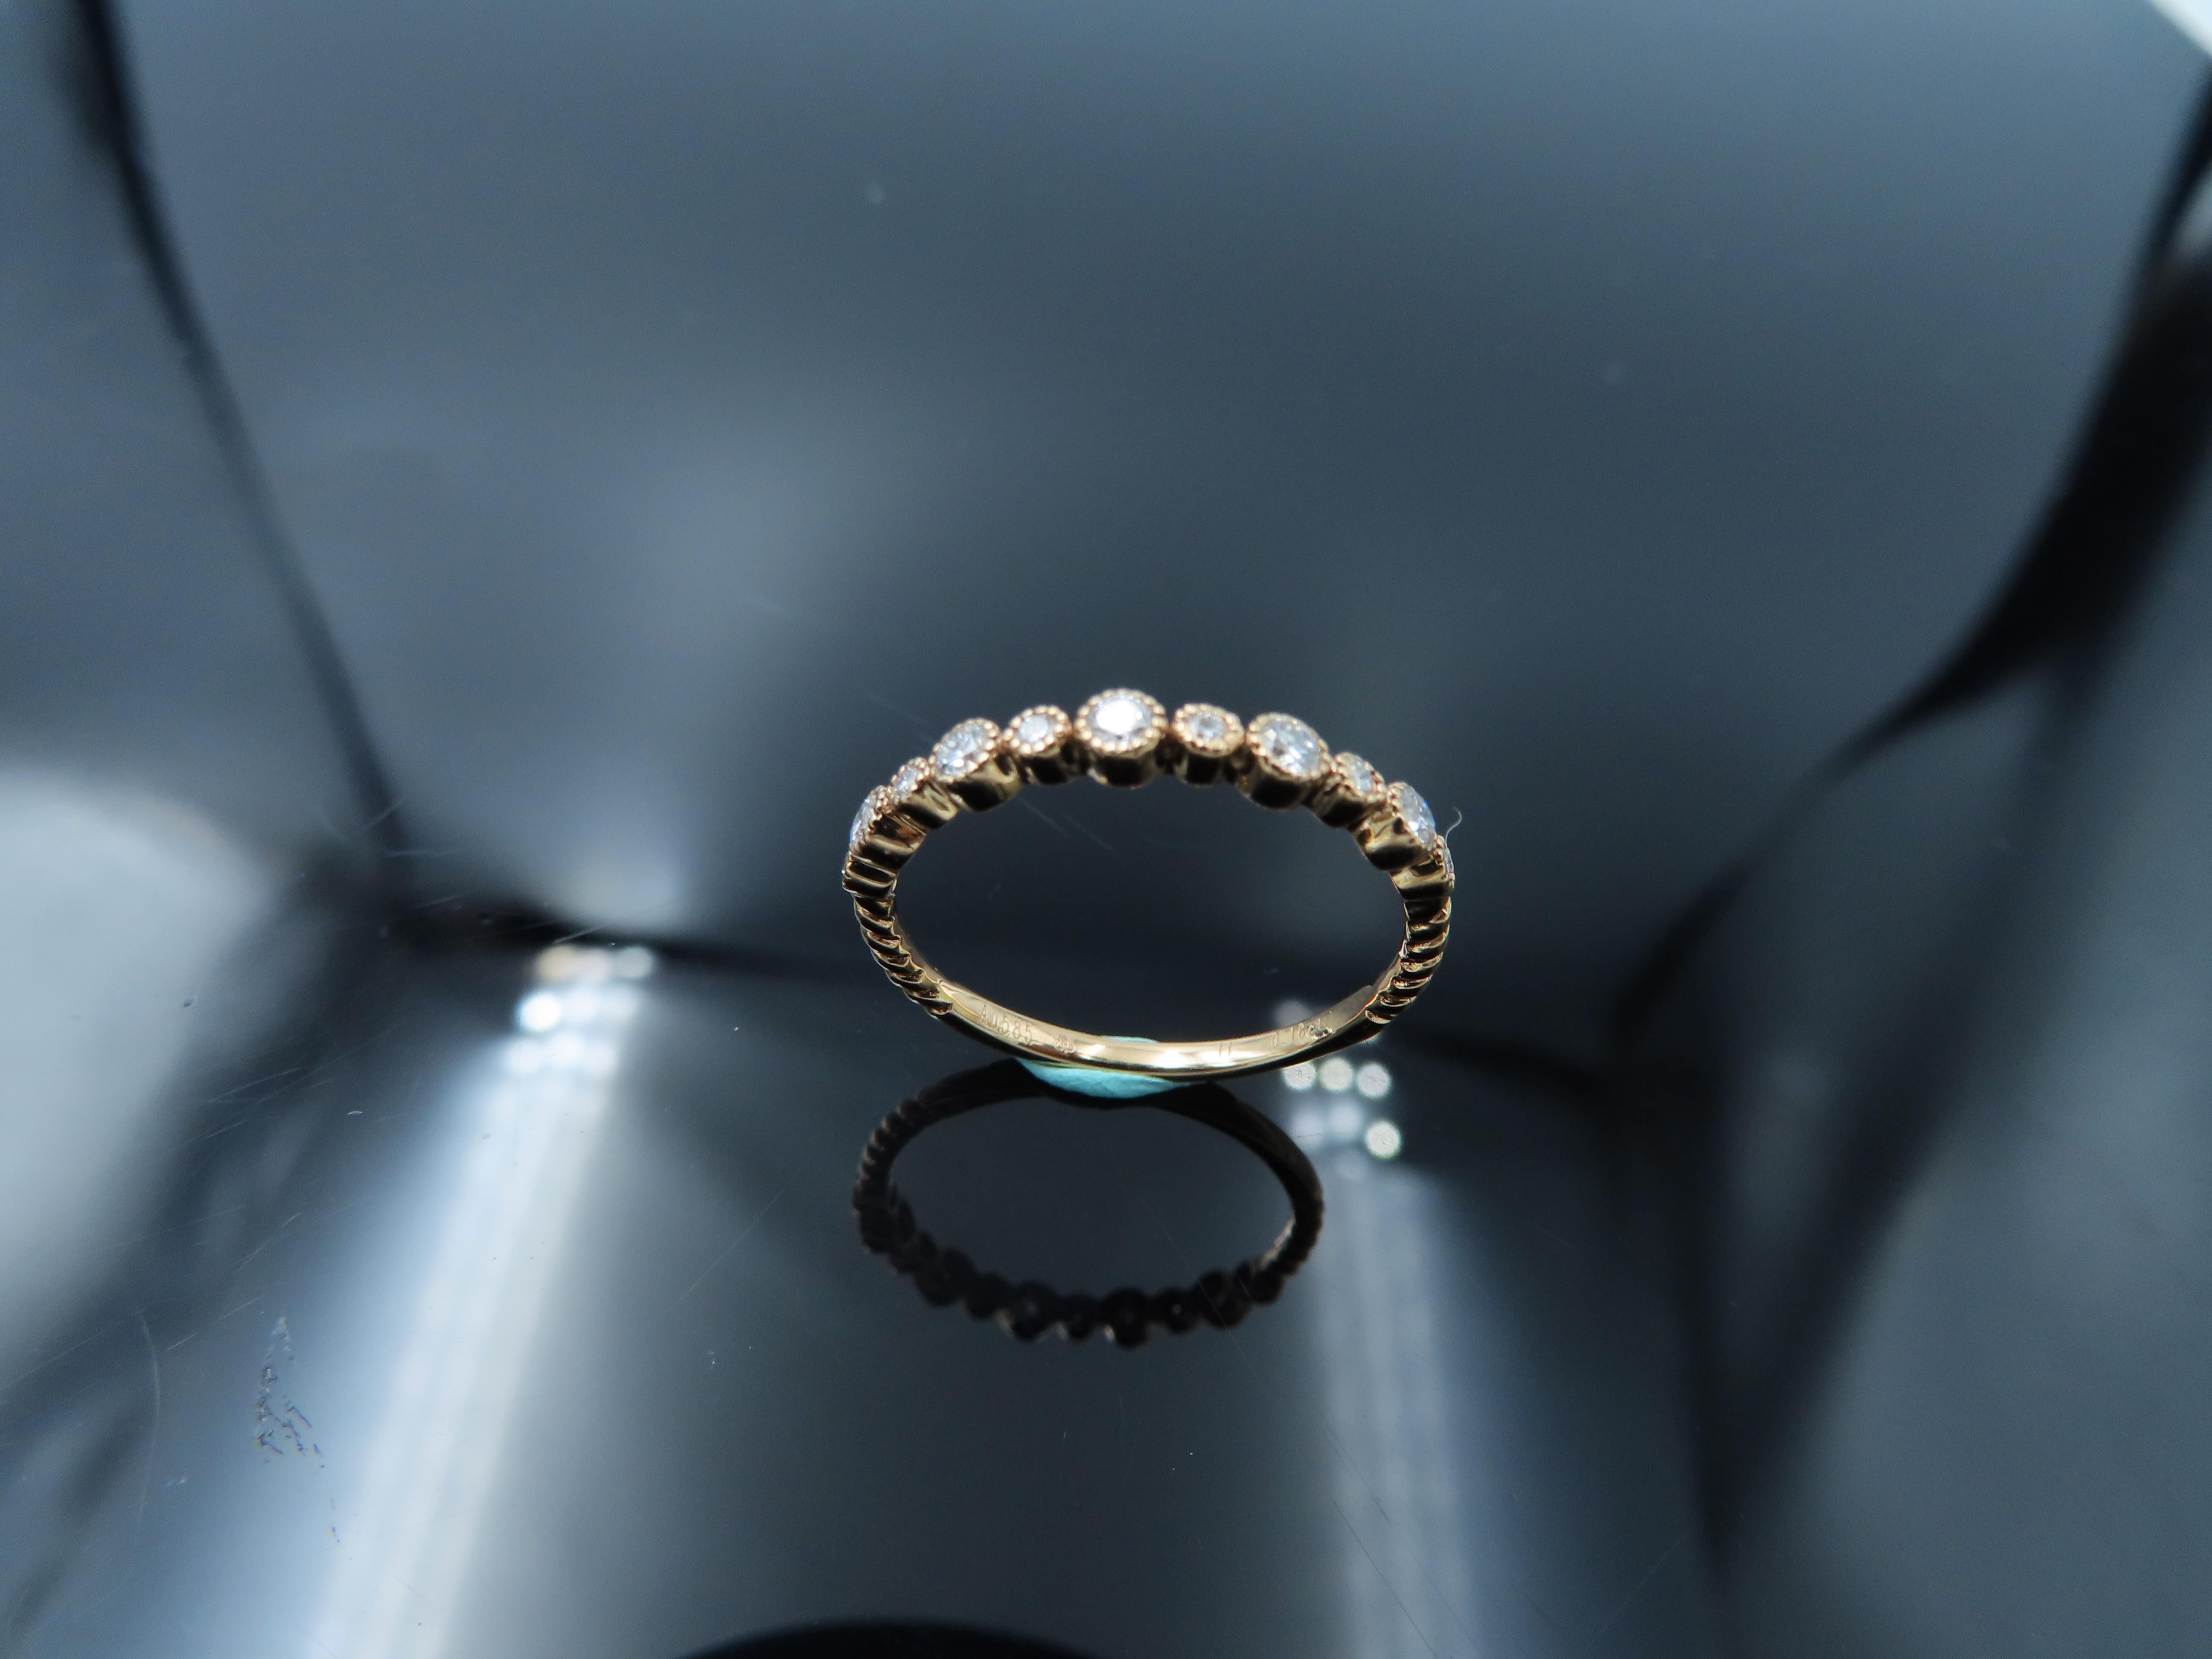 %玉承珠寶%輕珠寶系列14k玫瑰金精緻天然鑽石大小星星設計鑽戒/尾戒DR12(現貨1)